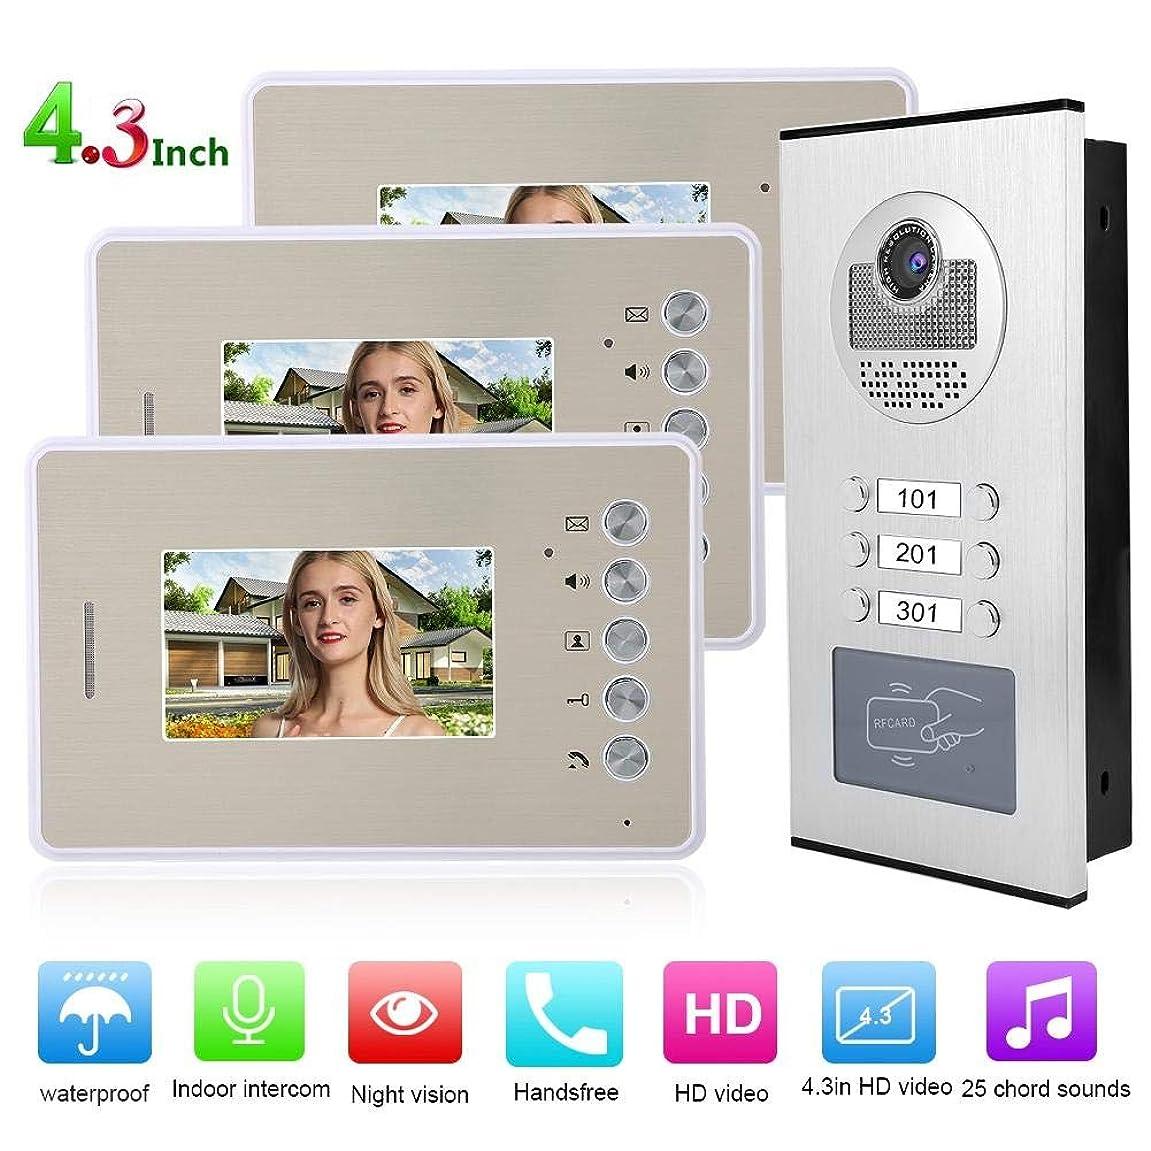 ダイヤル伝染性確認するビデオインターホンドアベル、4.3インチカラーTFT LCD 3モニタービデオドアフォンキットHDナイトビジョンドアベルインテリジェントドアフォンシステム有線ドアベルカメラ、家庭用電子ロック制御付き(US)